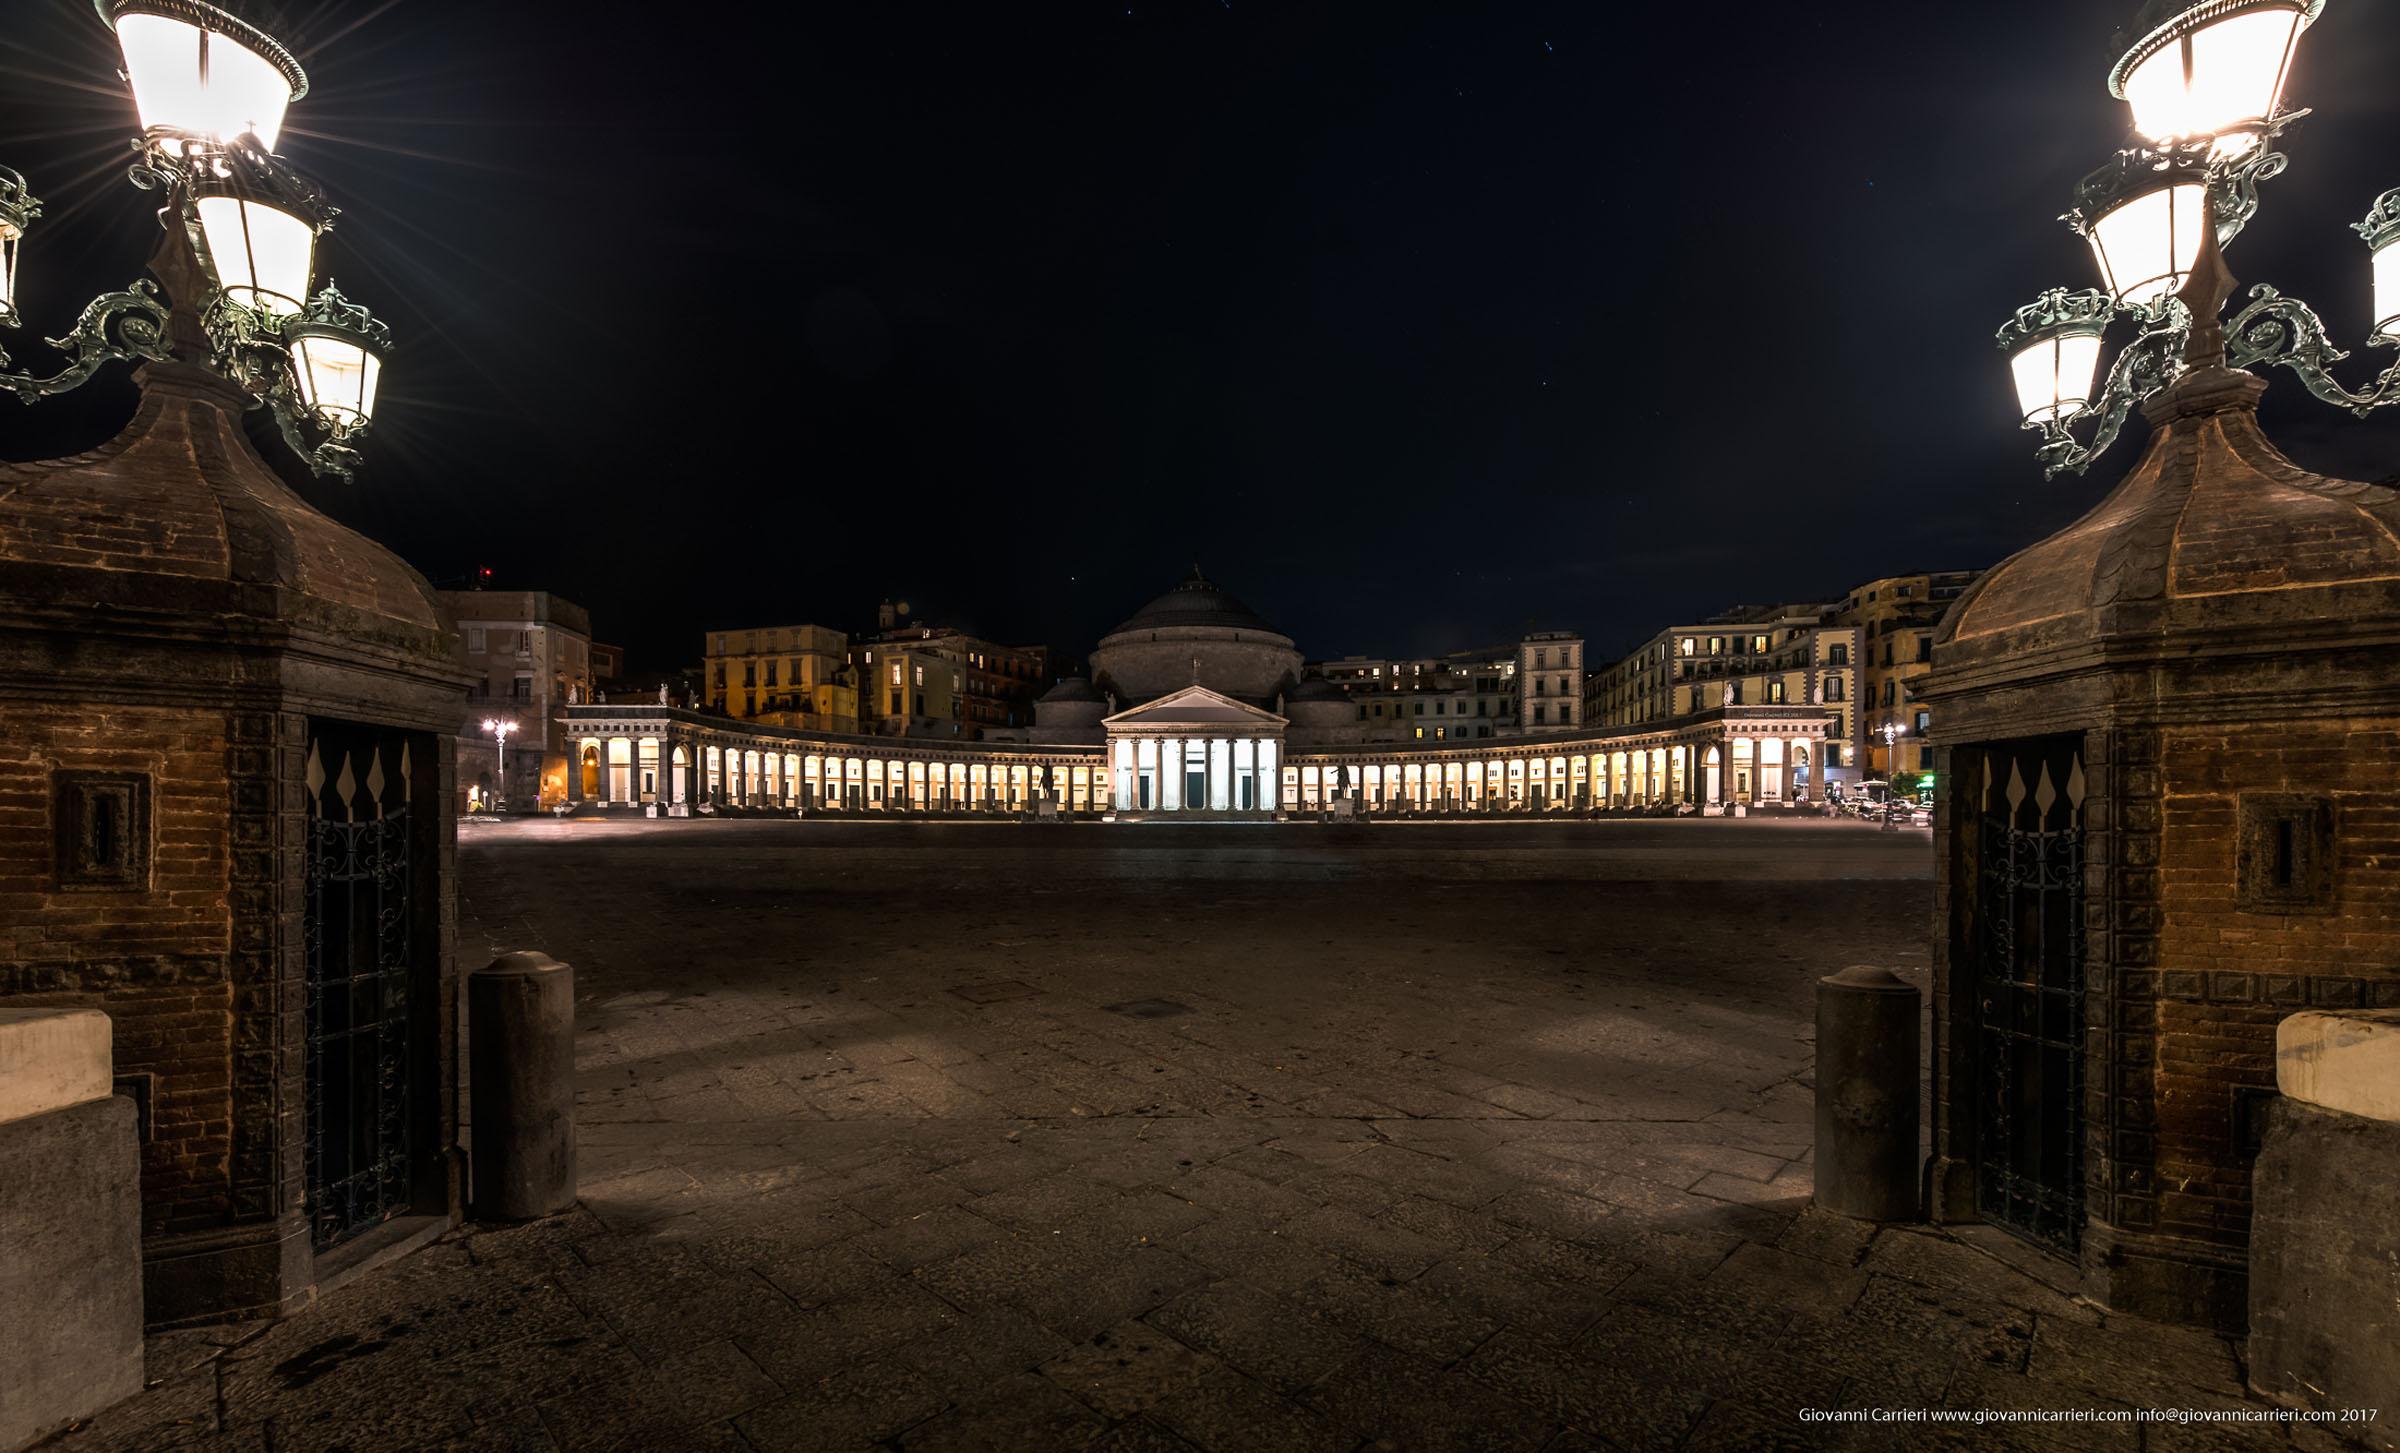 Piazza Plebiscito di notte, Napoli